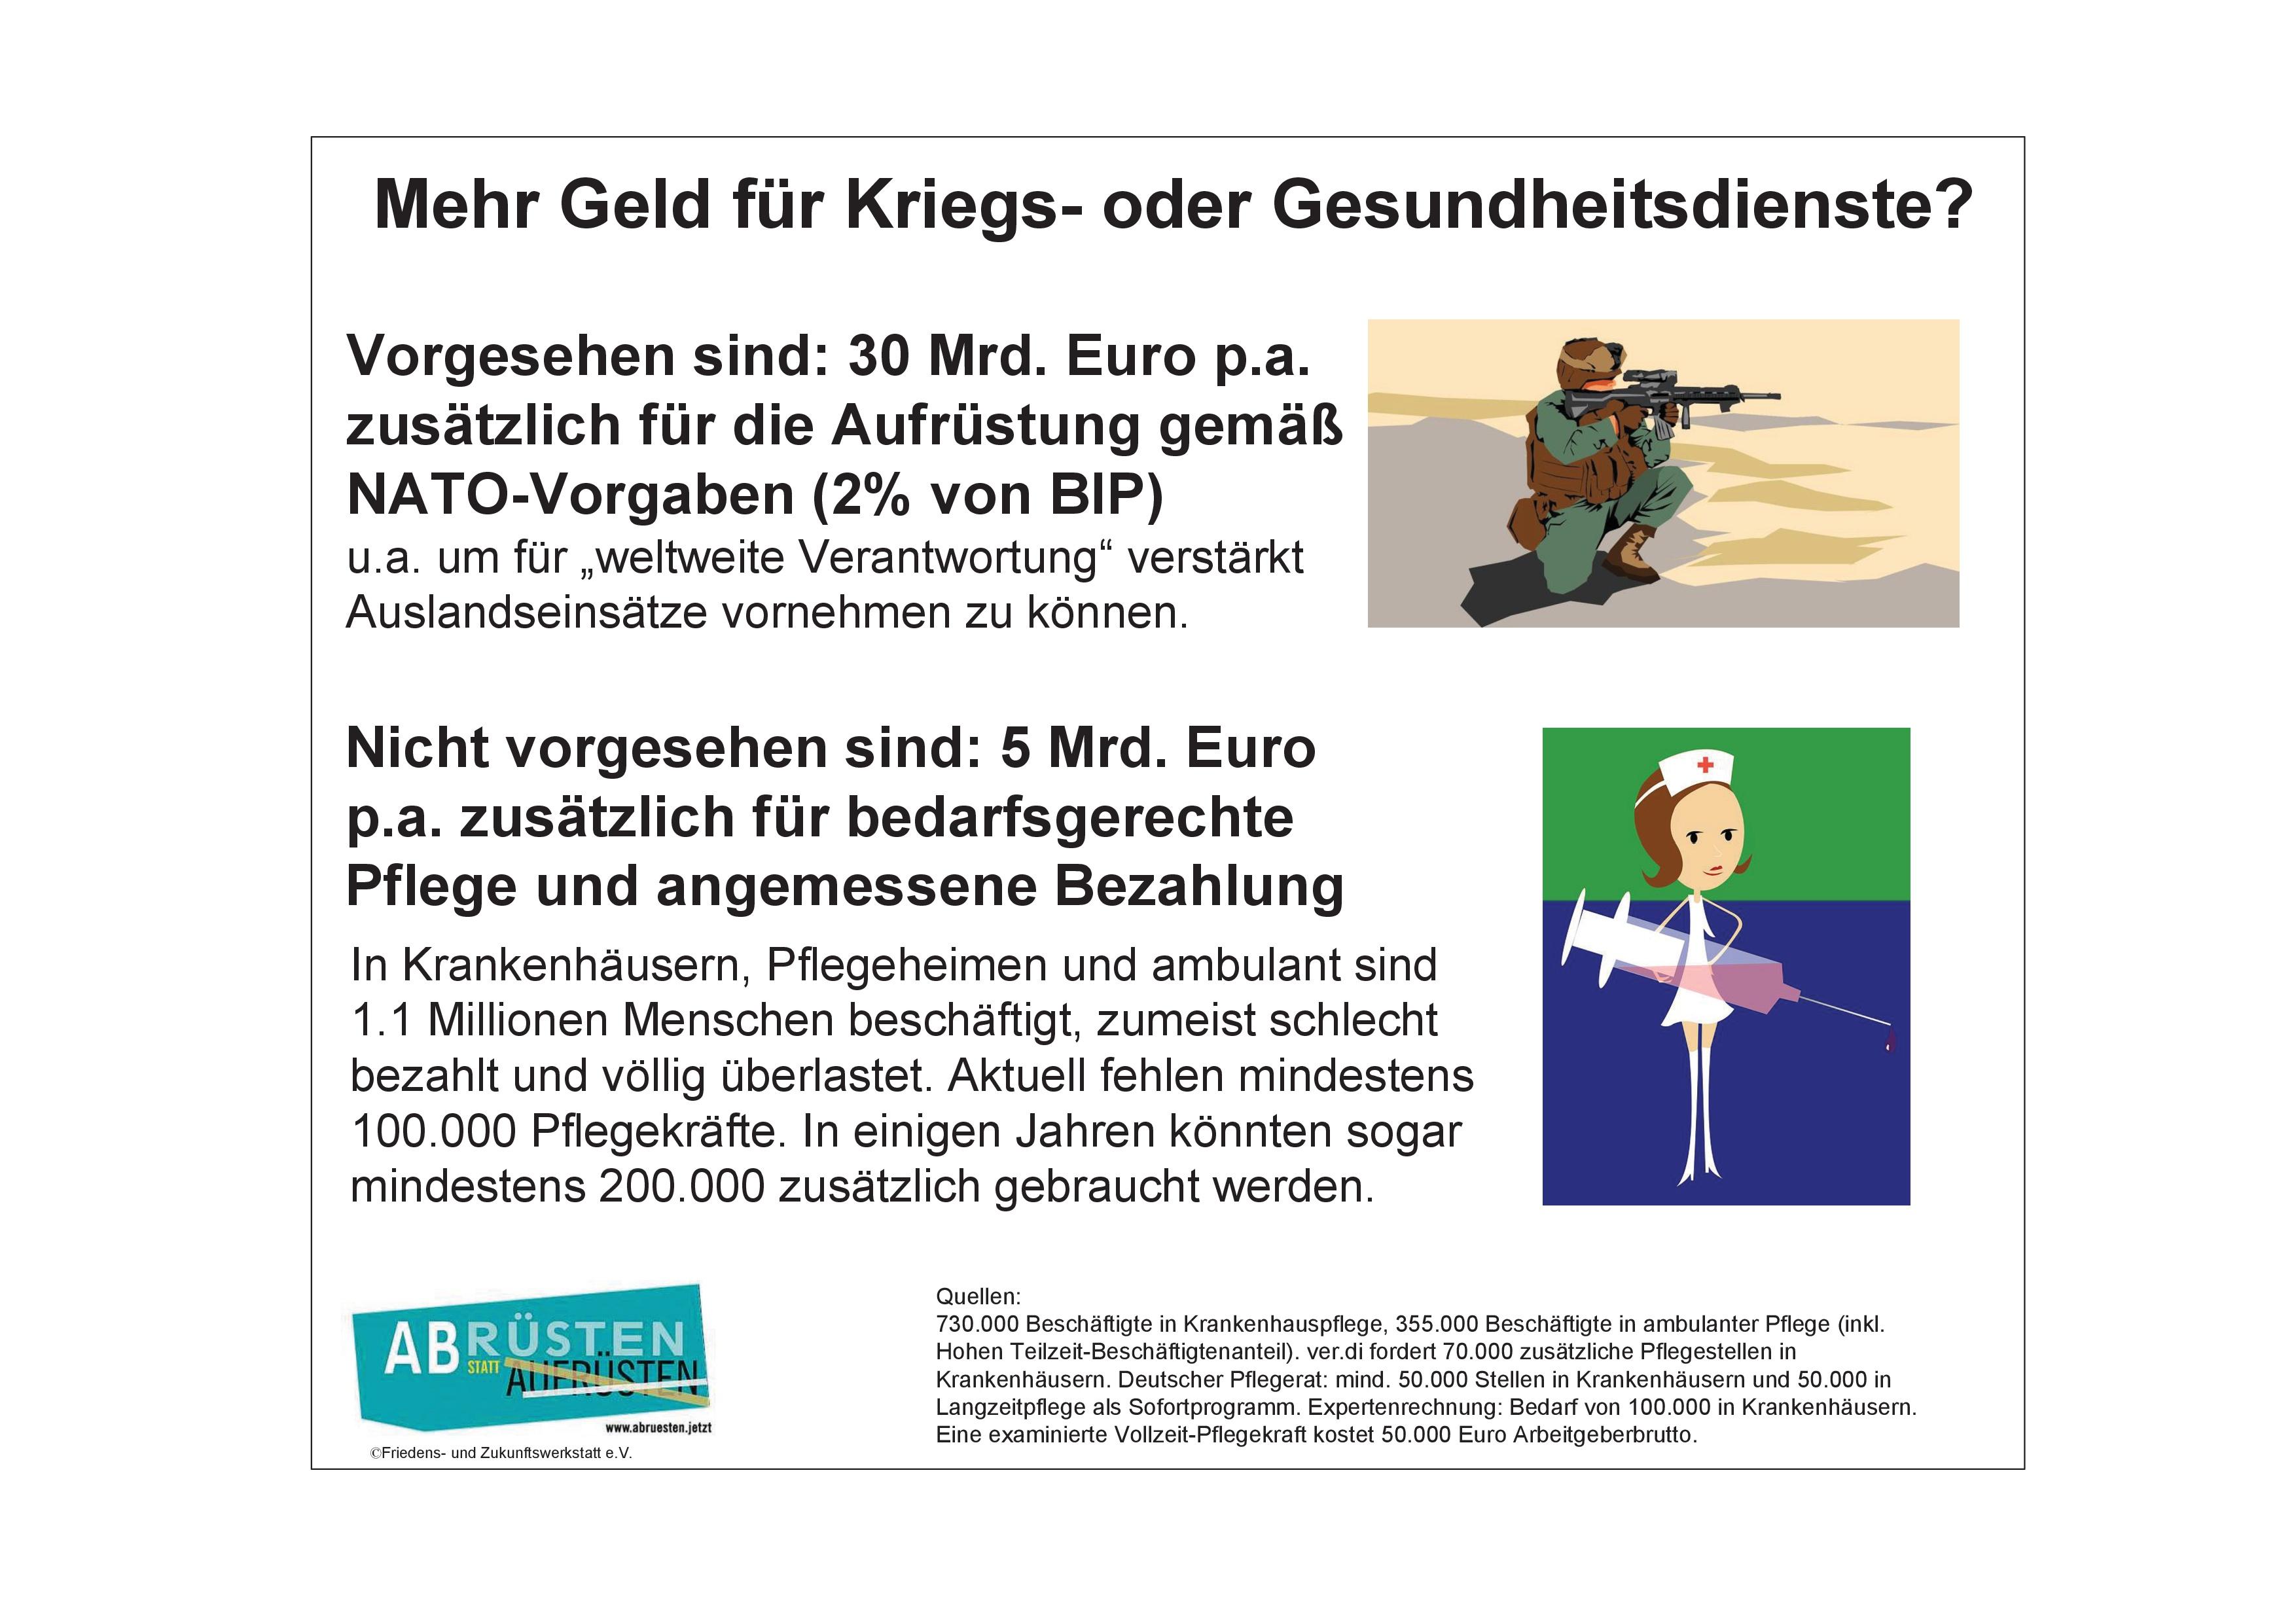 Gemütlich Post Wird Online Fortgesetzt Bilder - Entry Level Resume ...